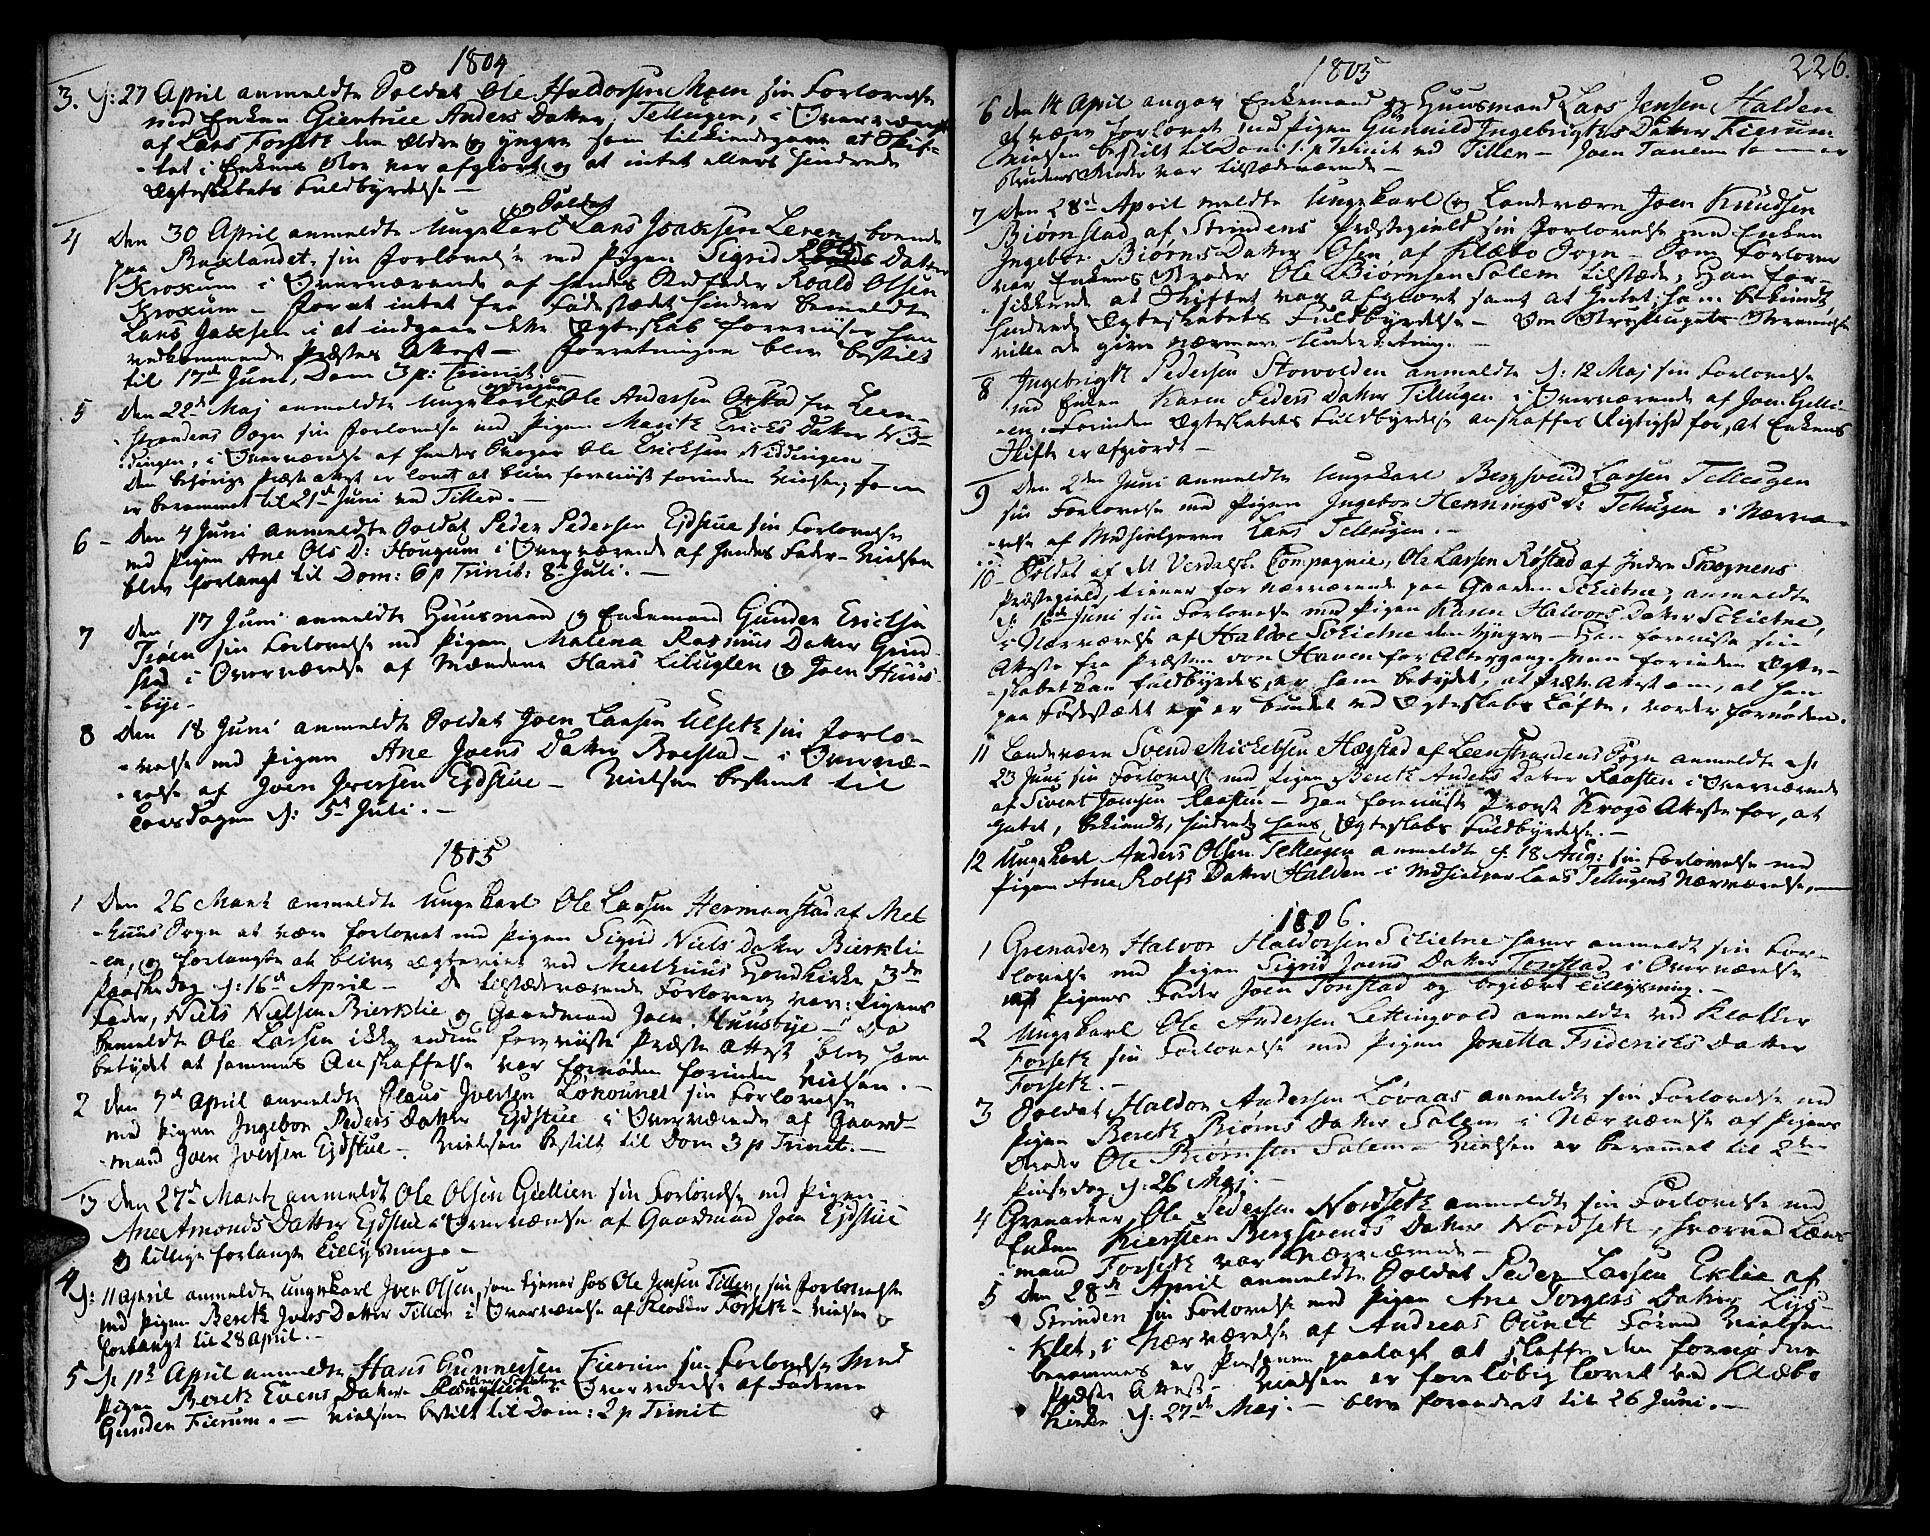 SAT, Ministerialprotokoller, klokkerbøker og fødselsregistre - Sør-Trøndelag, 618/L0438: Ministerialbok nr. 618A03, 1783-1815, s. 226